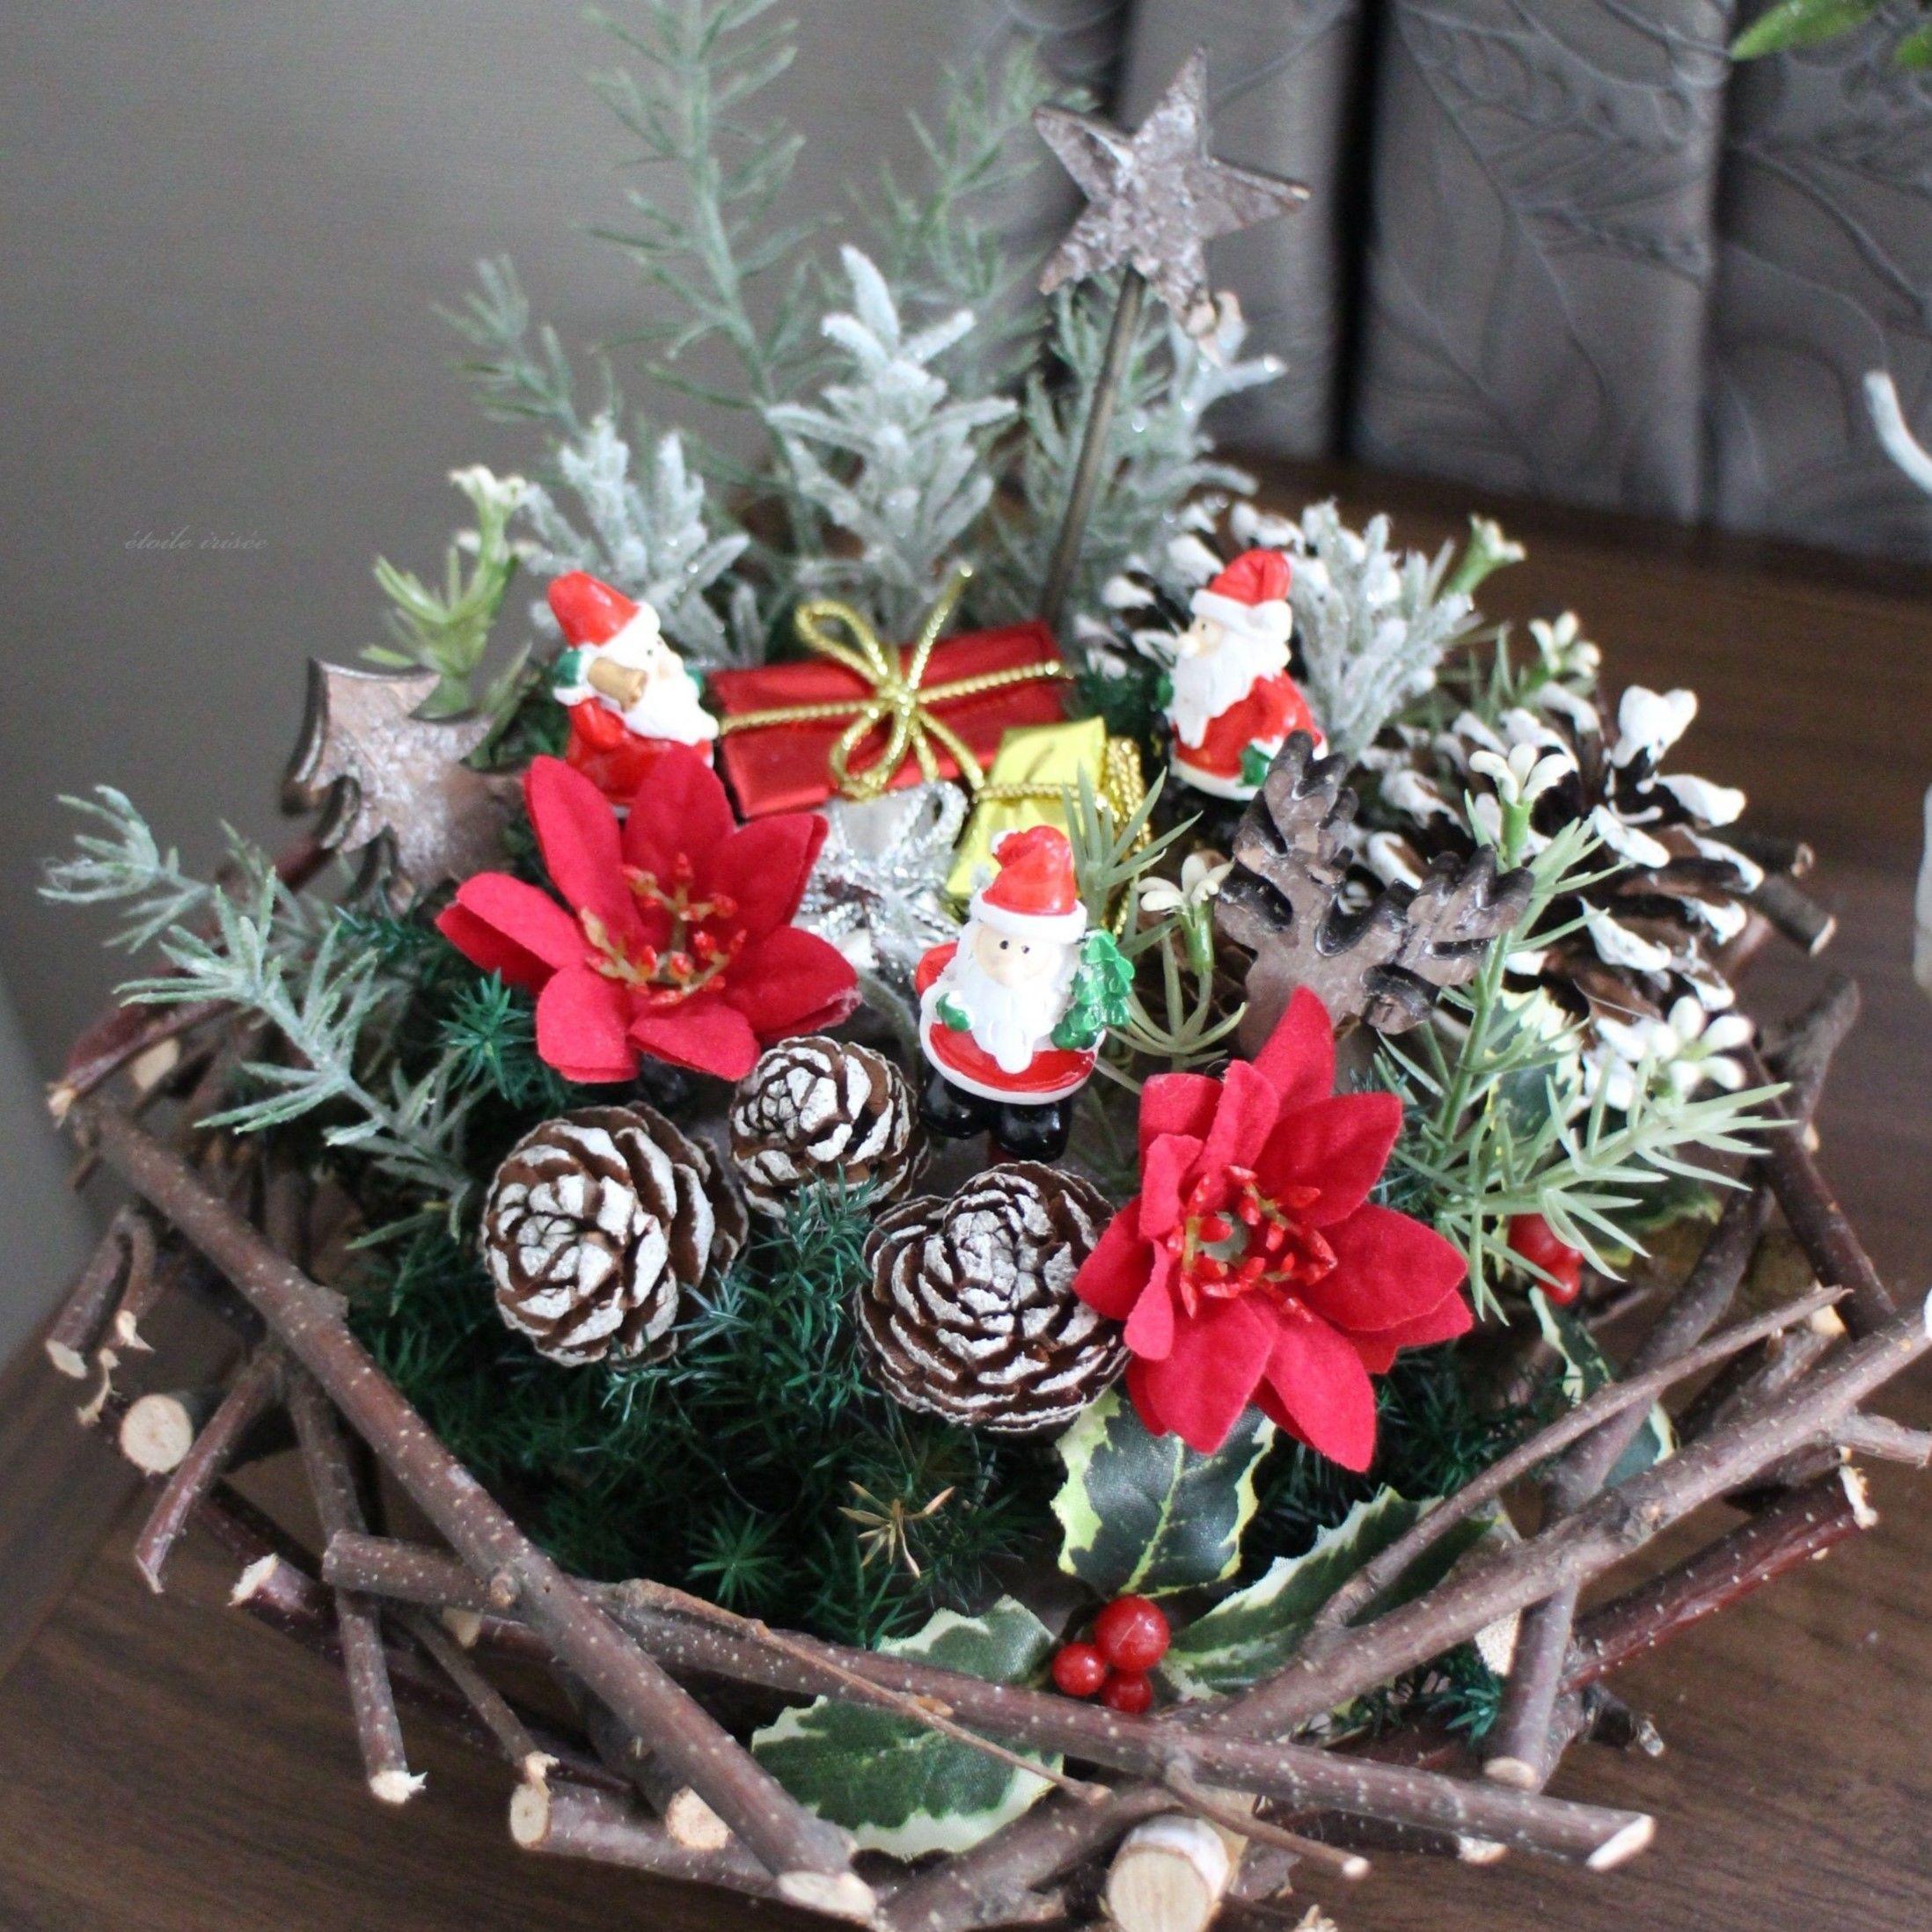 クリスマスのカゴアレンジ~サンタさんのプレゼント探し~